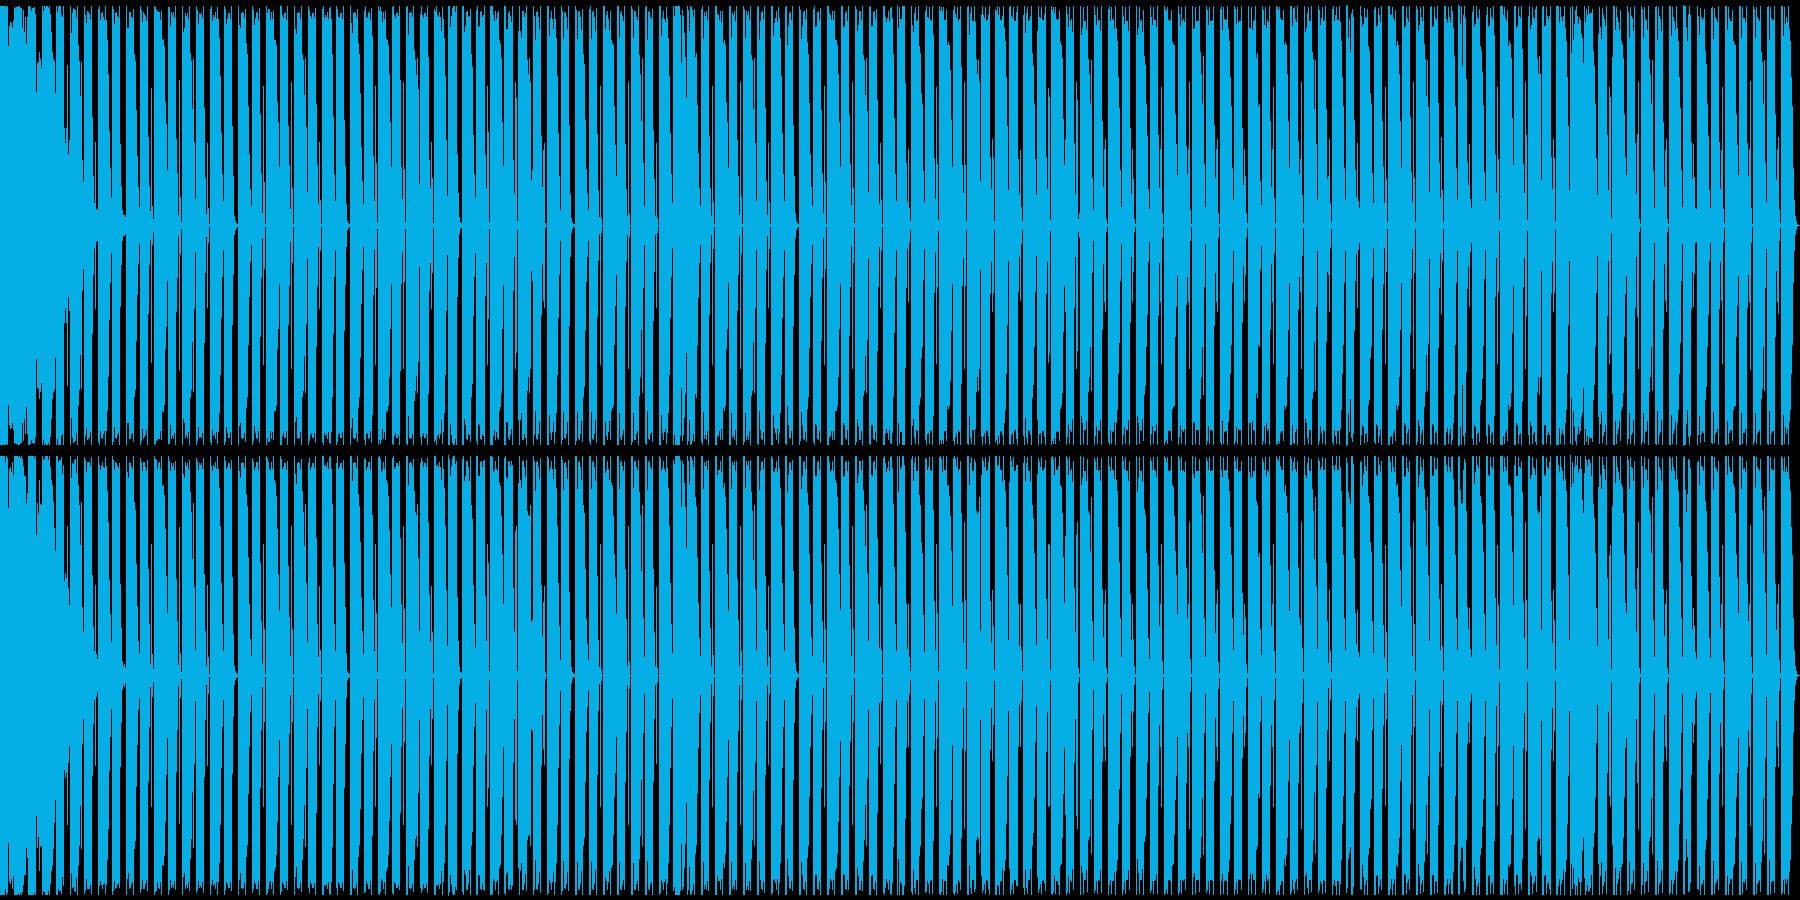 【エレクトロニカ】テクノ、ロング2の再生済みの波形